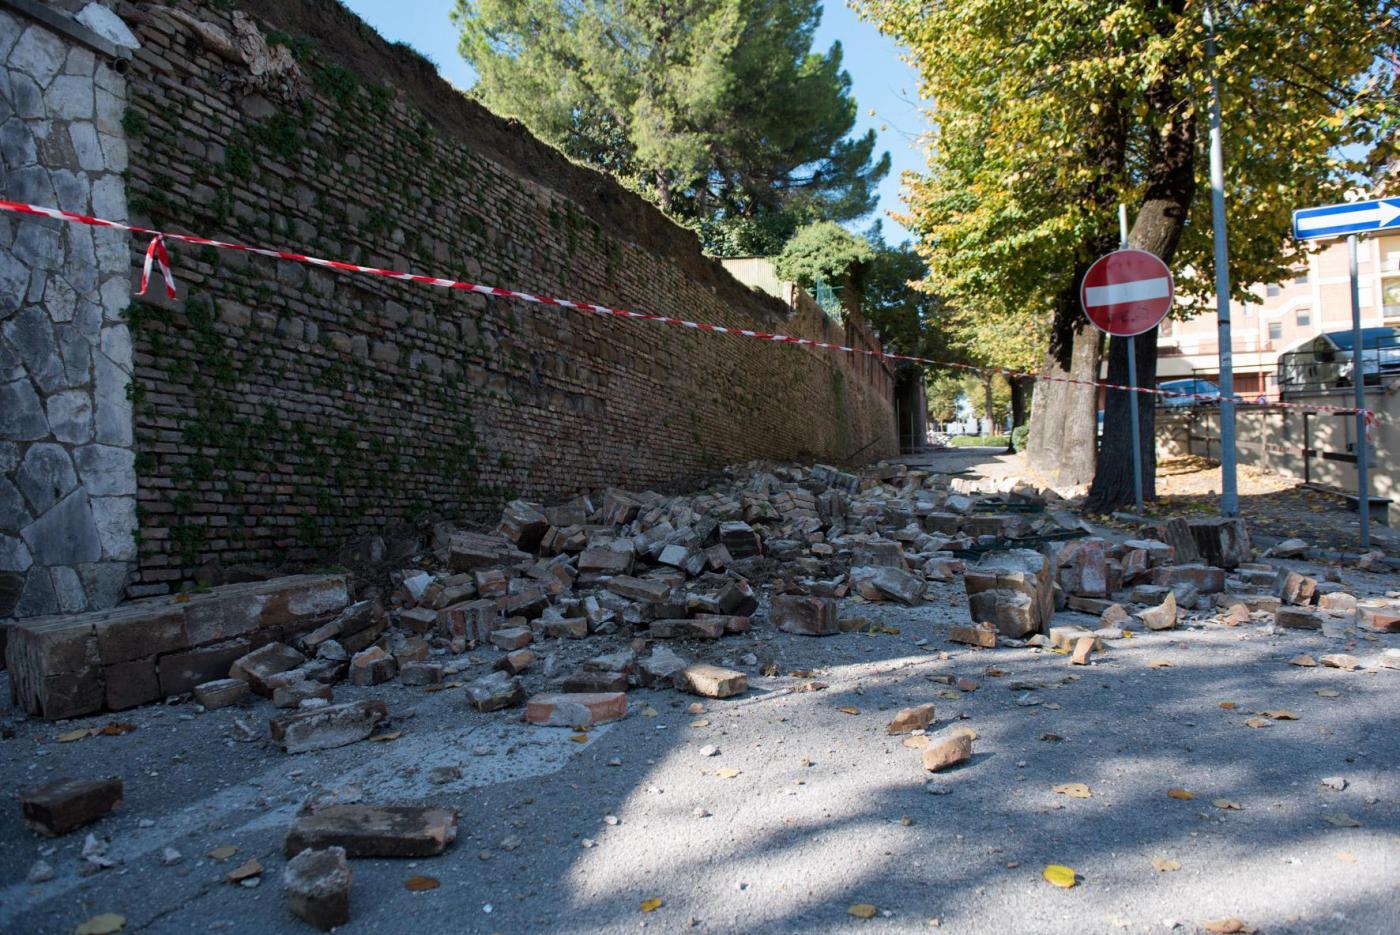 Terremoto nelle Marche, oggi, 10 marzo 2017: la terra trema (ancora) a Macerata